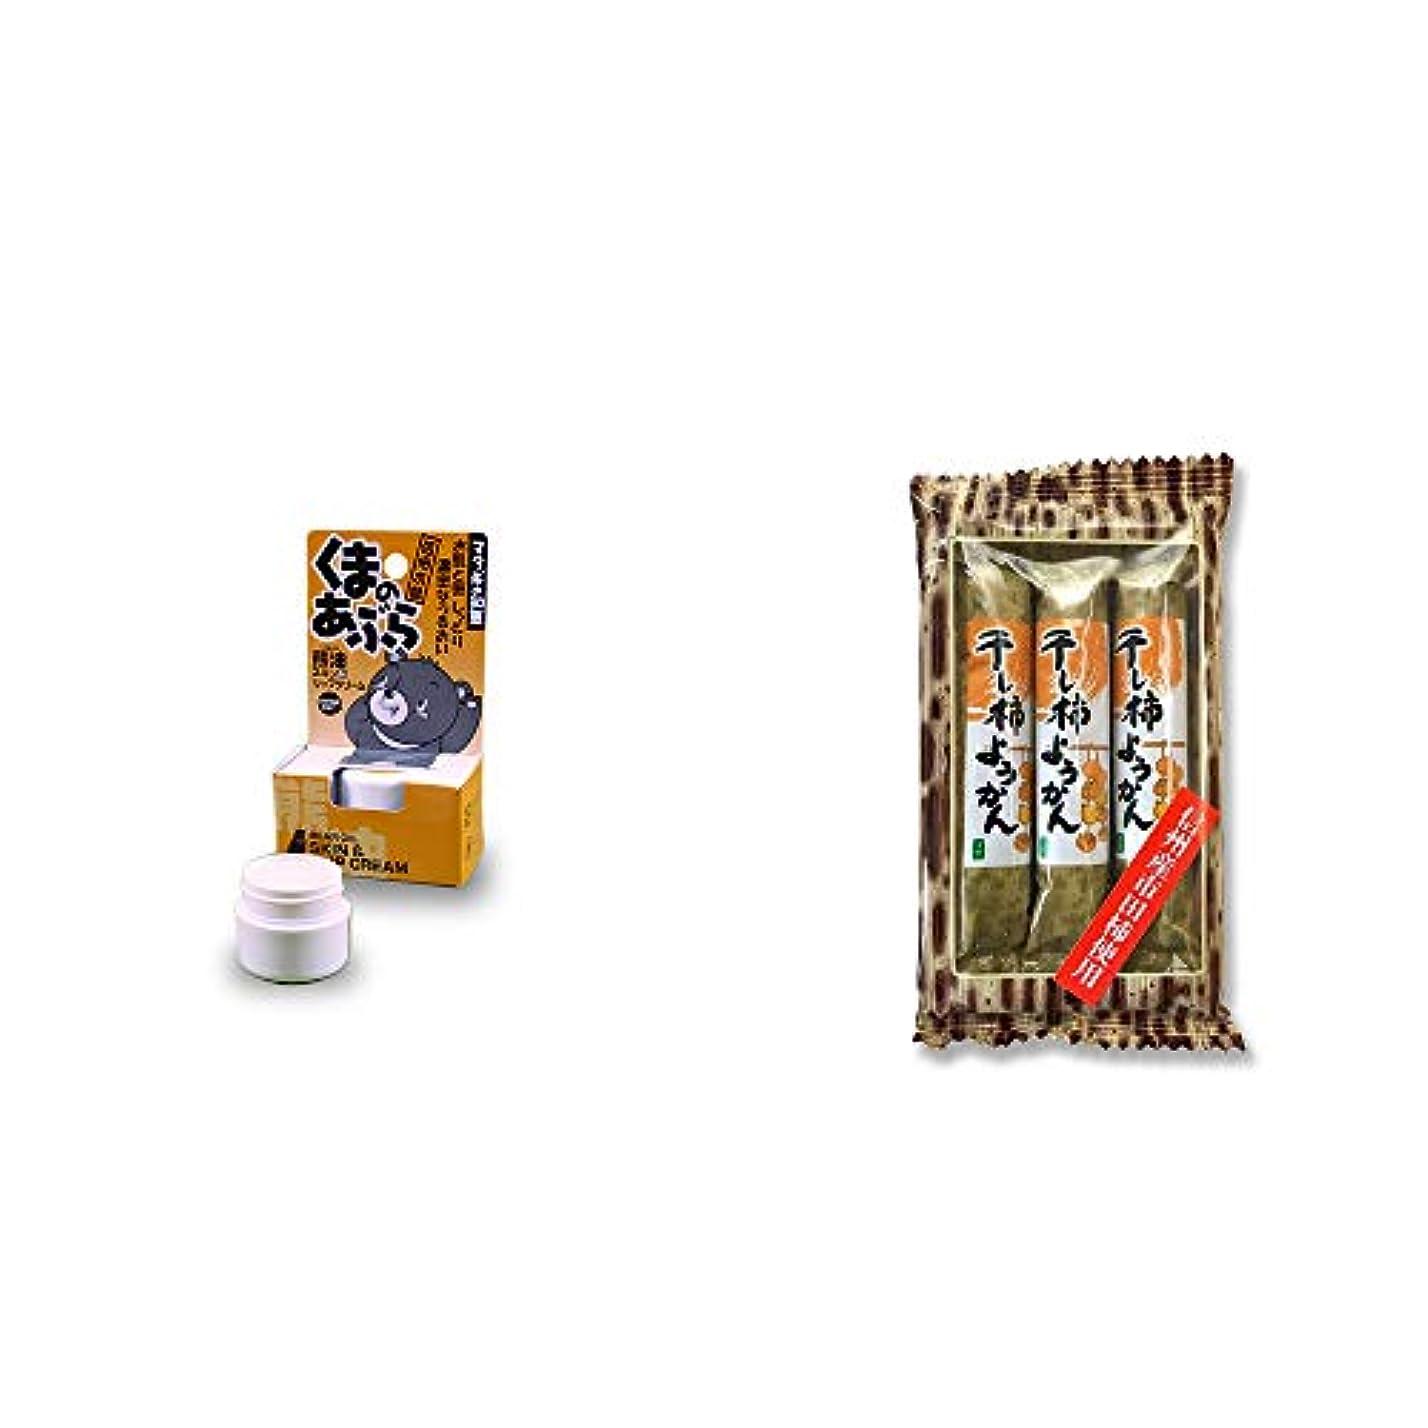 取り扱いマッシュ免疫する[2点セット] 信州木曽 くまのあぶら 熊油スキン&リップクリーム(9g)?信州産市田柿使用 スティックようかん[柿](50g×3本)